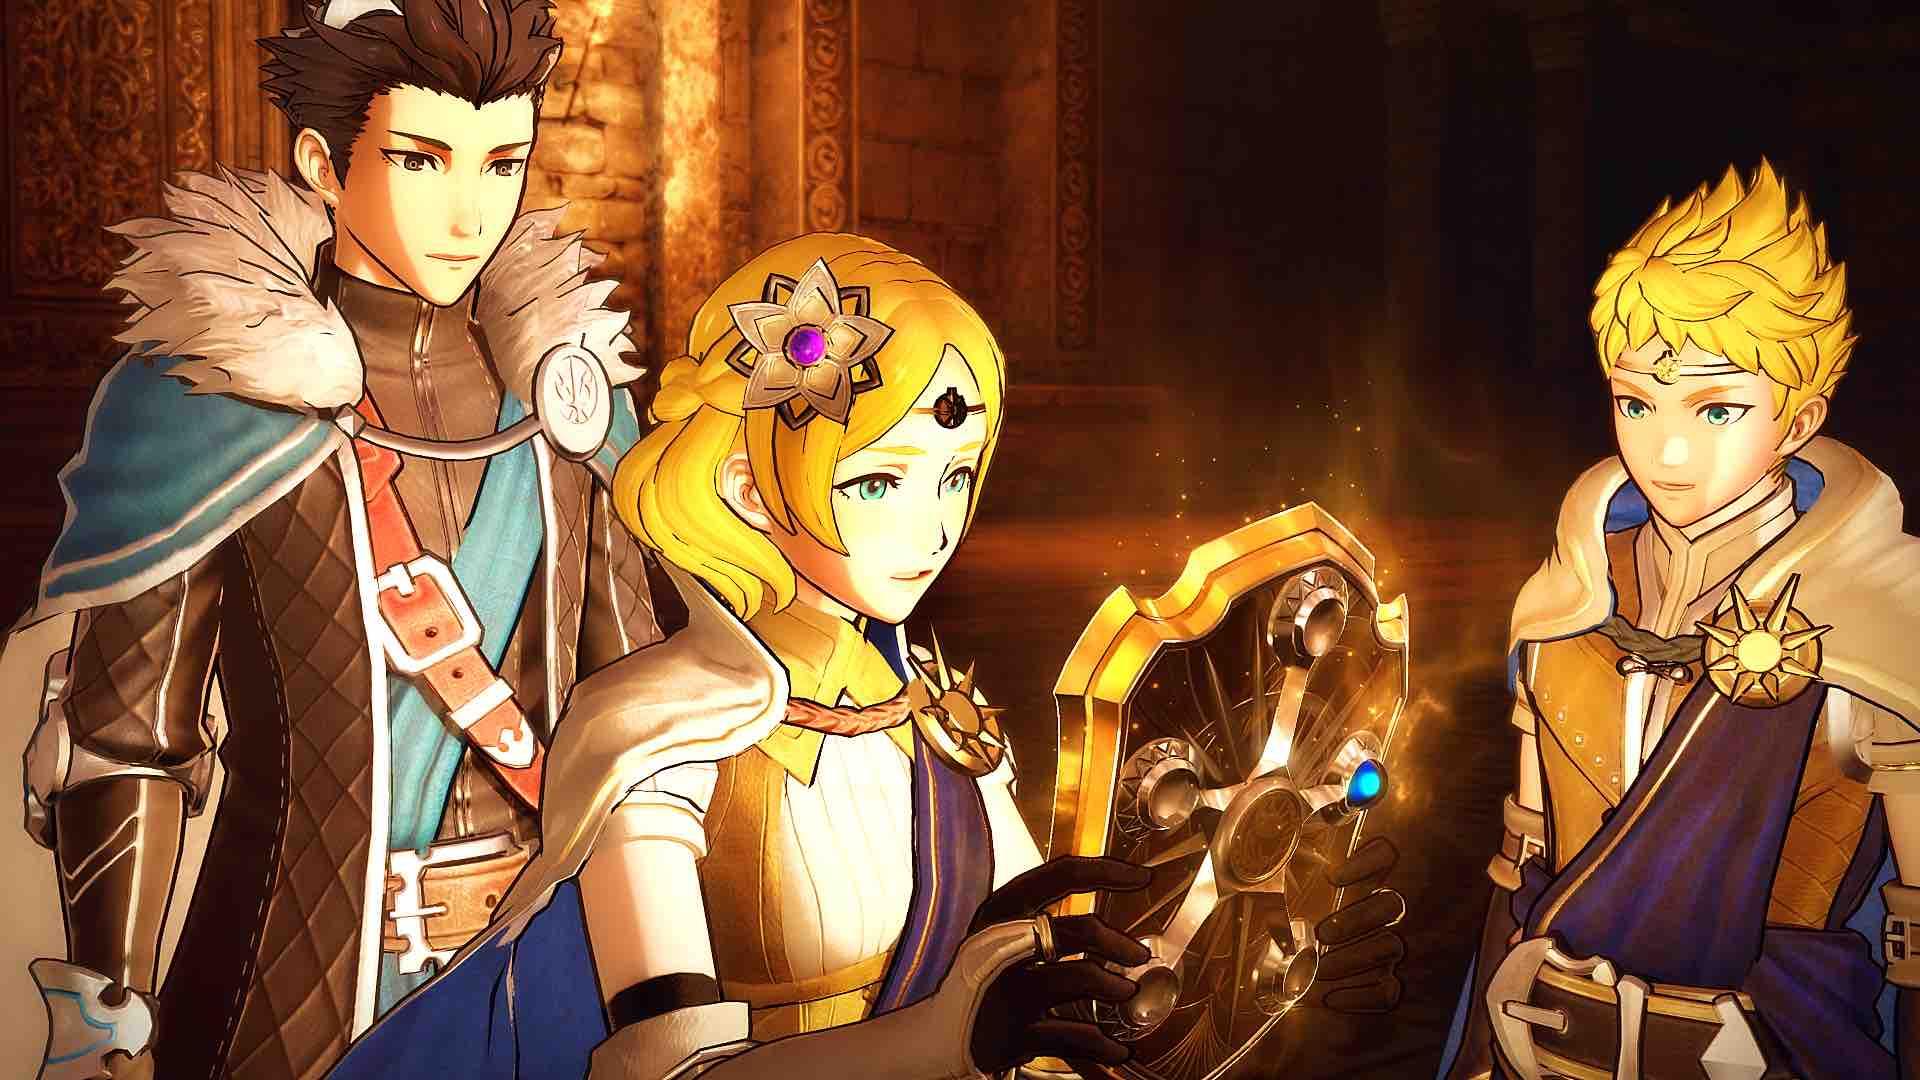 fire-emblem-warriors-review-screenshot-1